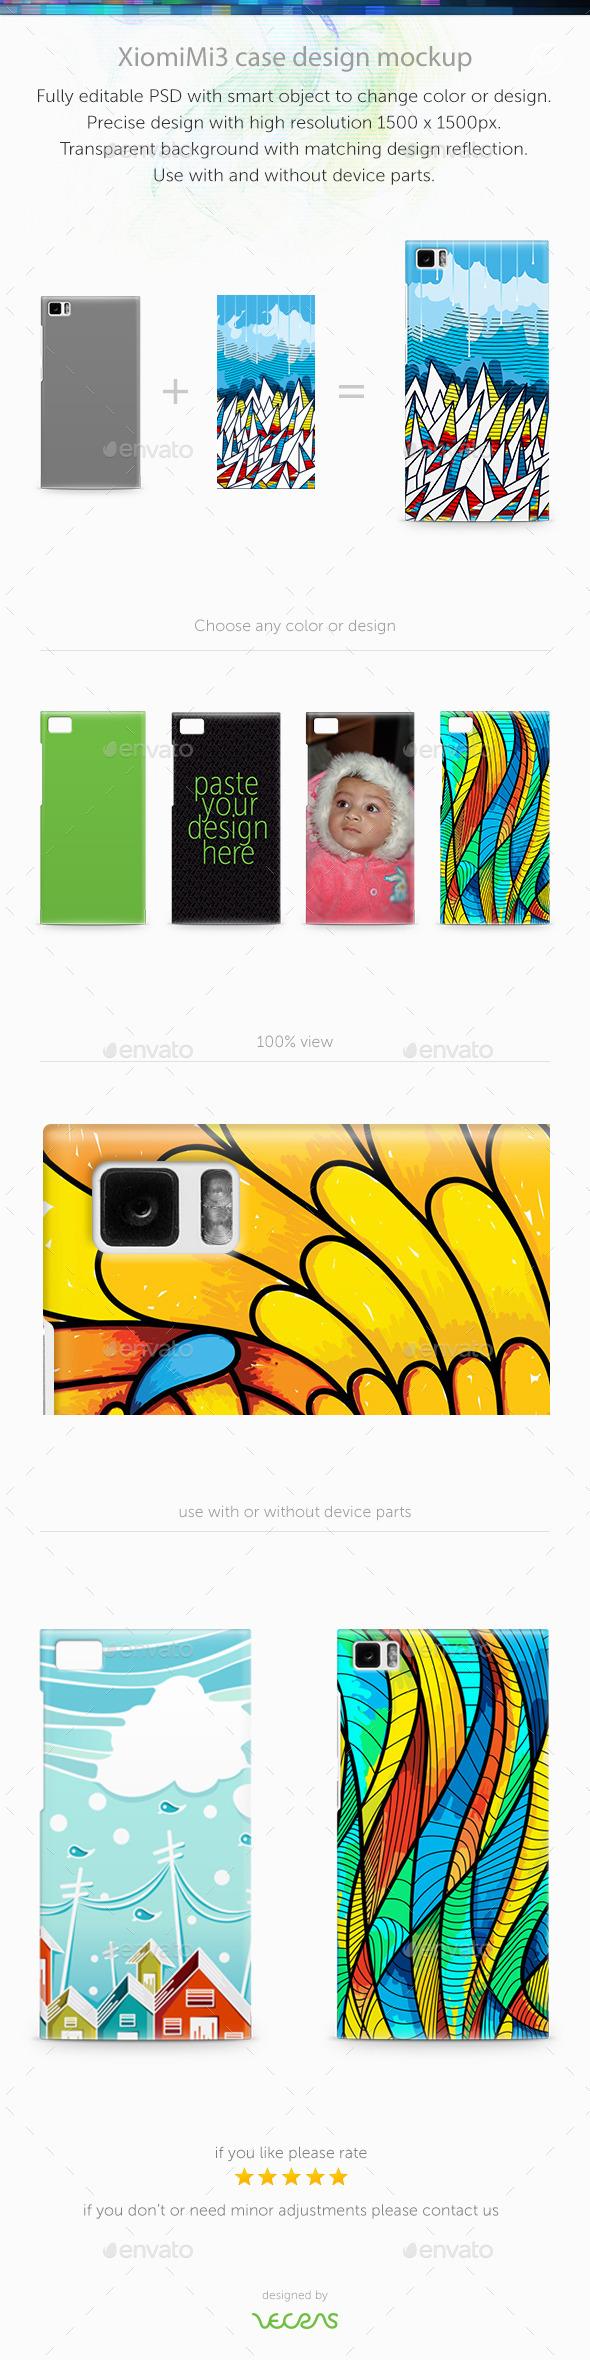 GraphicRiver XiomiMi3 Case Design Mockup 9743000